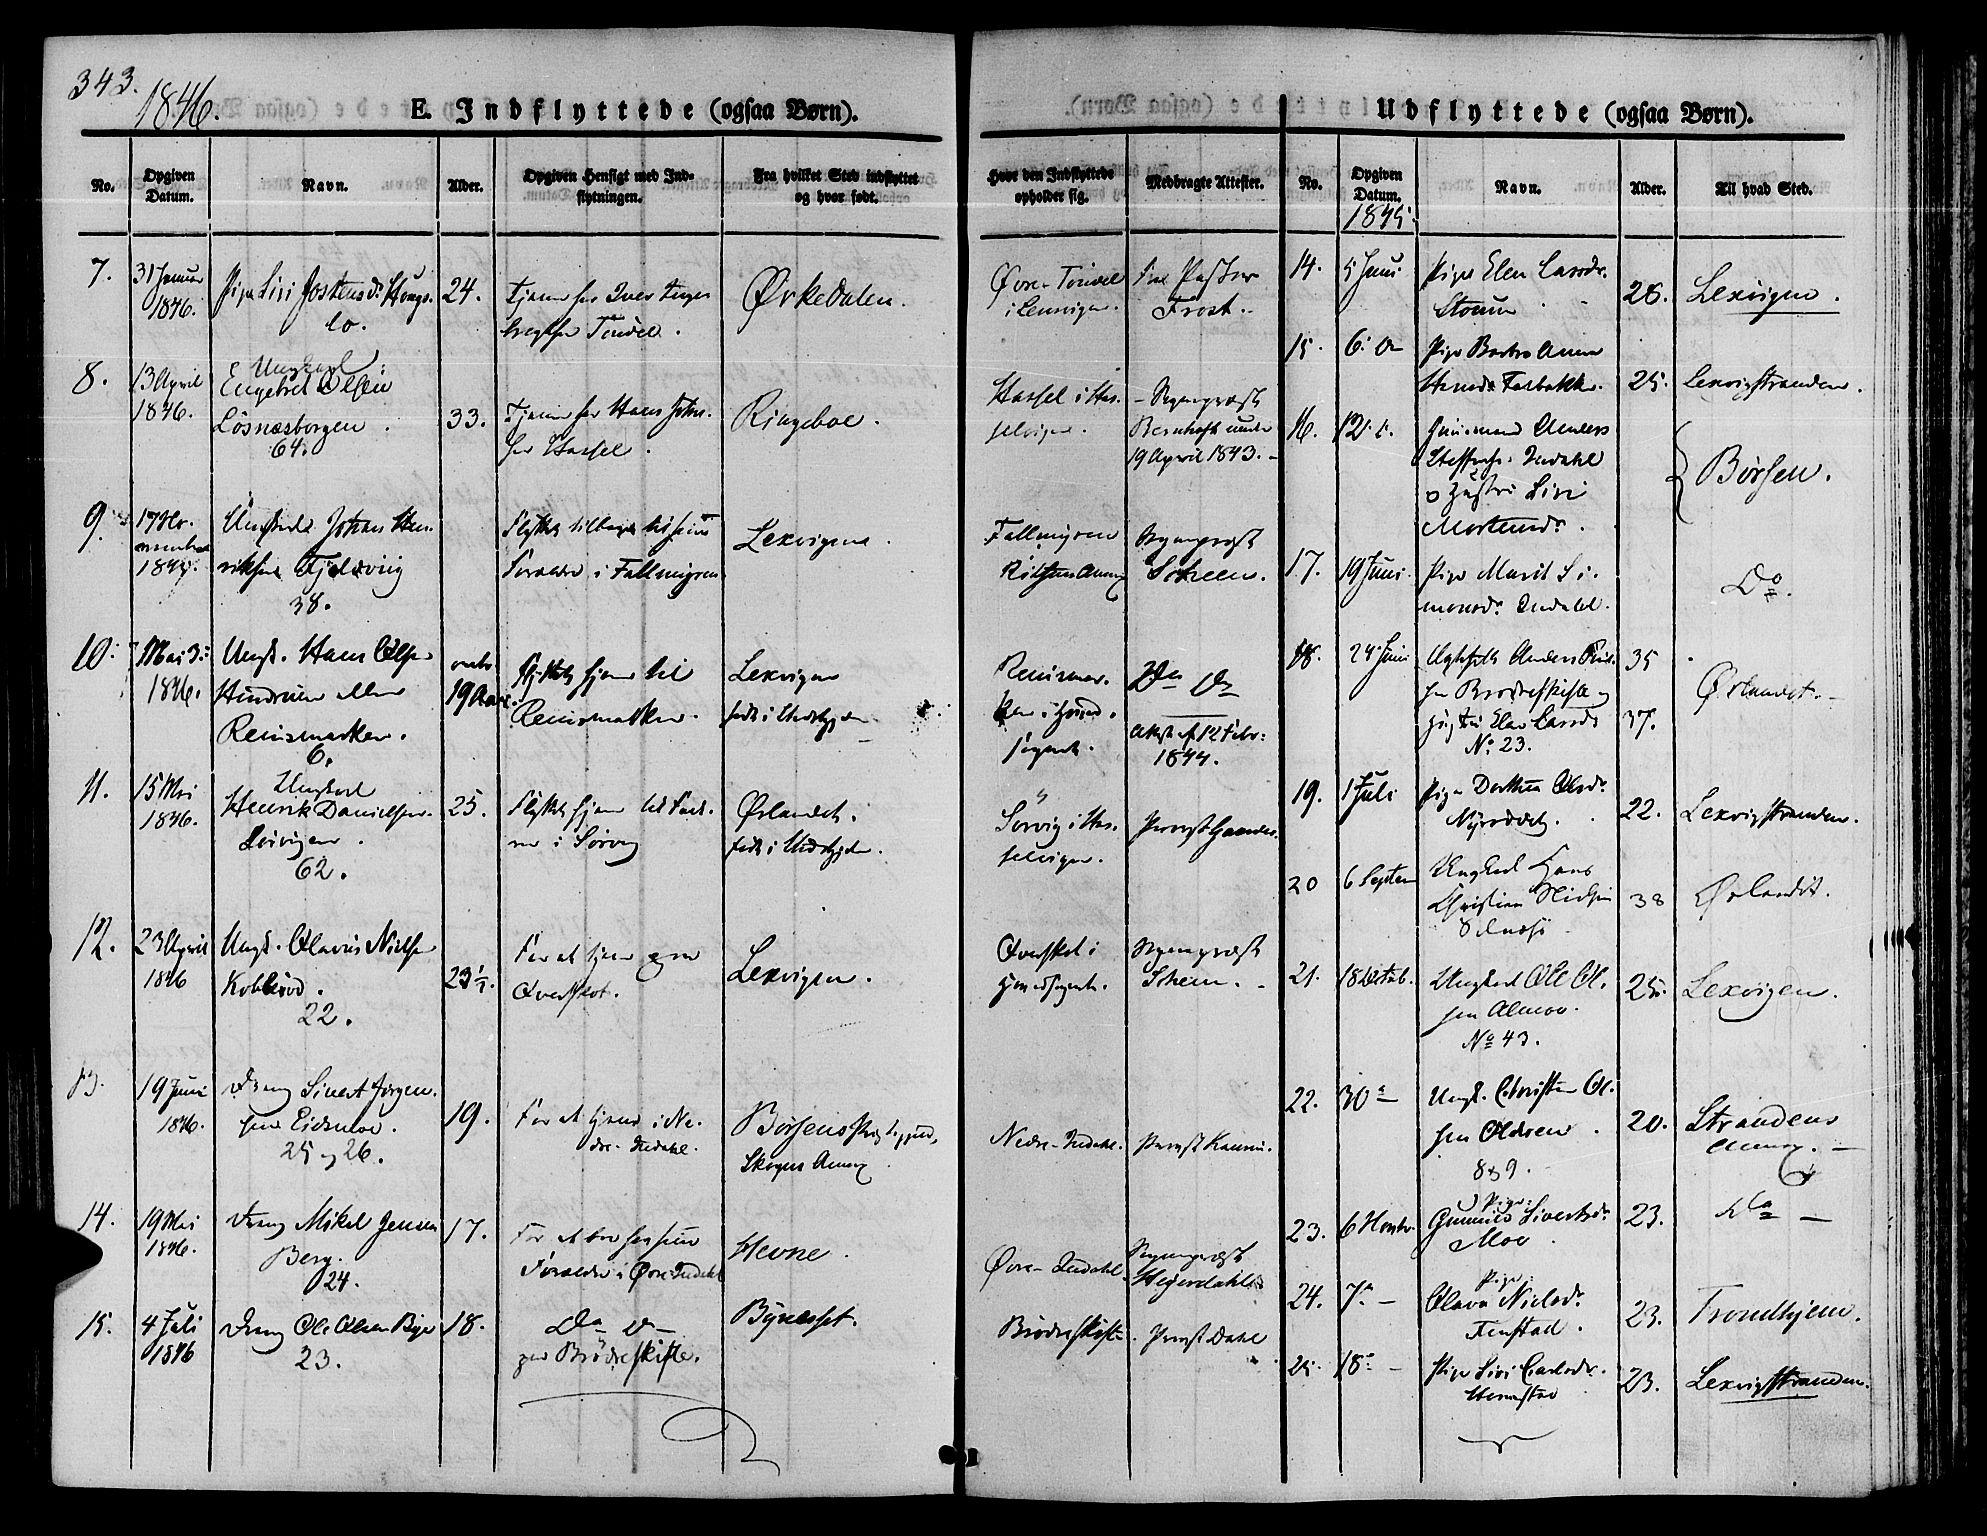 SAT, Ministerialprotokoller, klokkerbøker og fødselsregistre - Sør-Trøndelag, 646/L0610: Ministerialbok nr. 646A08, 1837-1847, s. 343